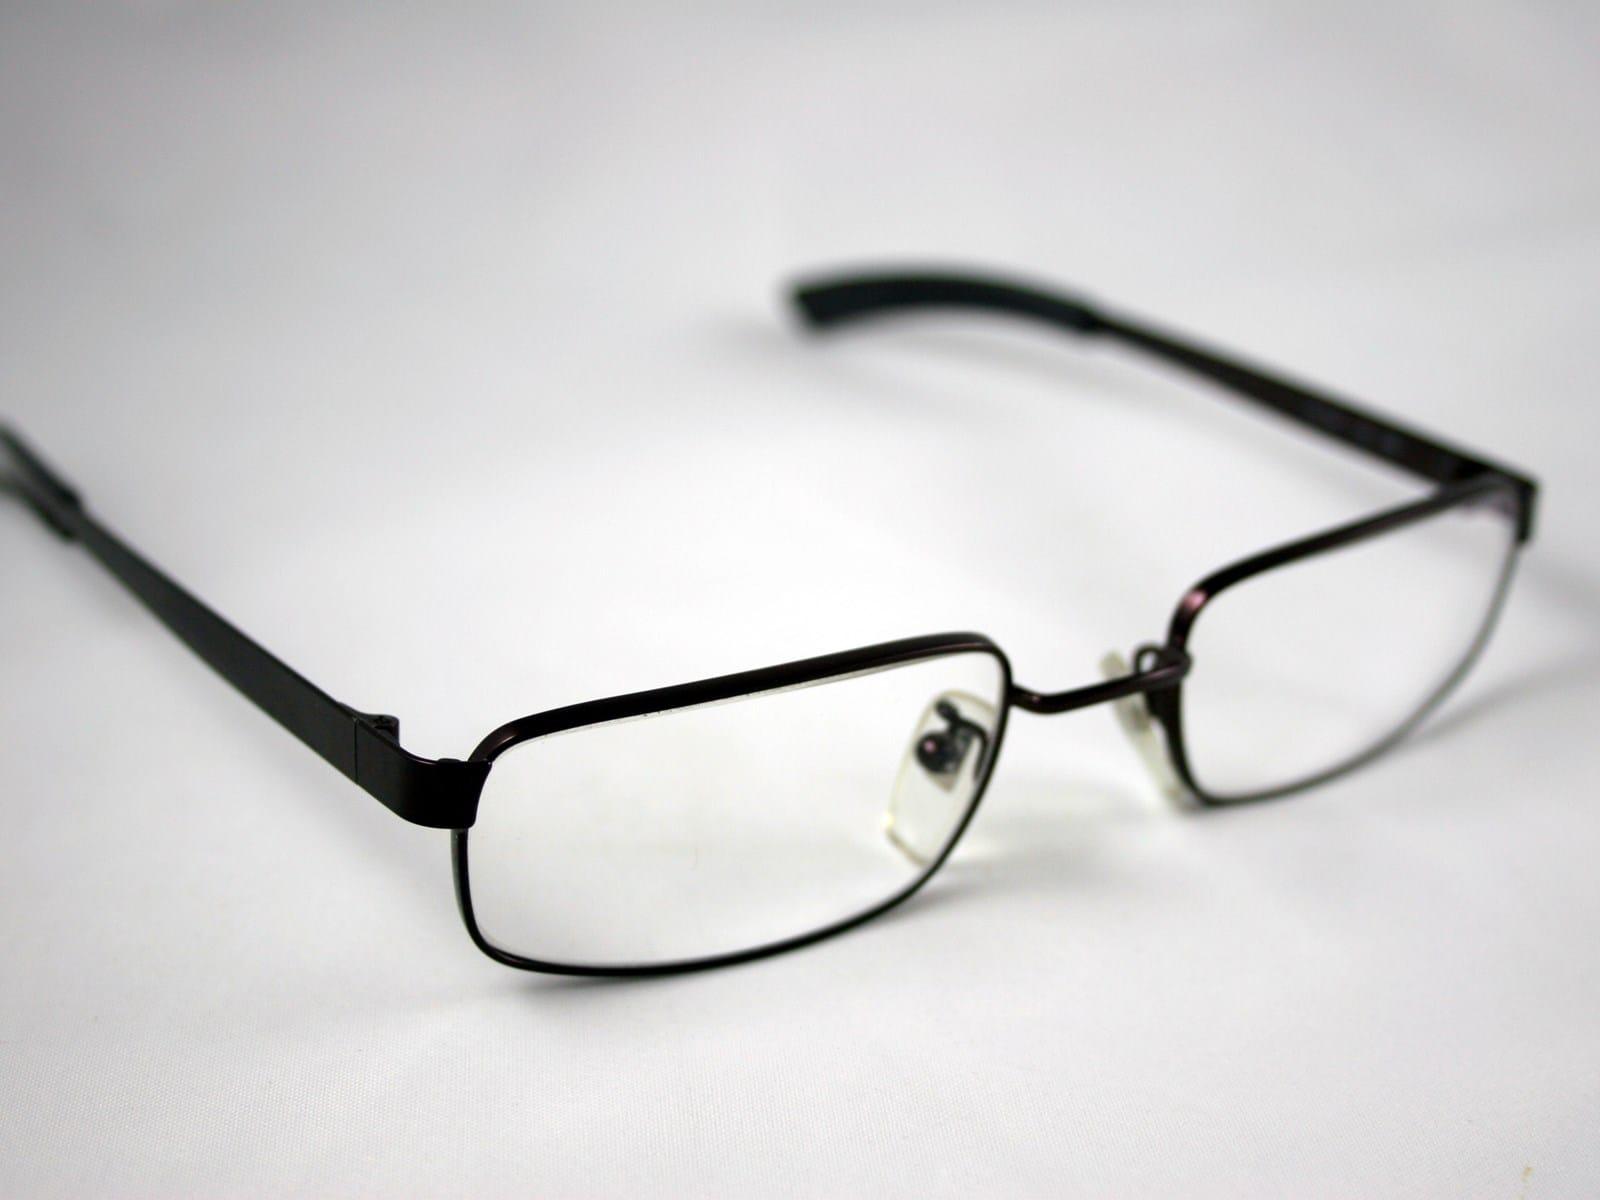 miopia y astigmatismo al mismo tiempo